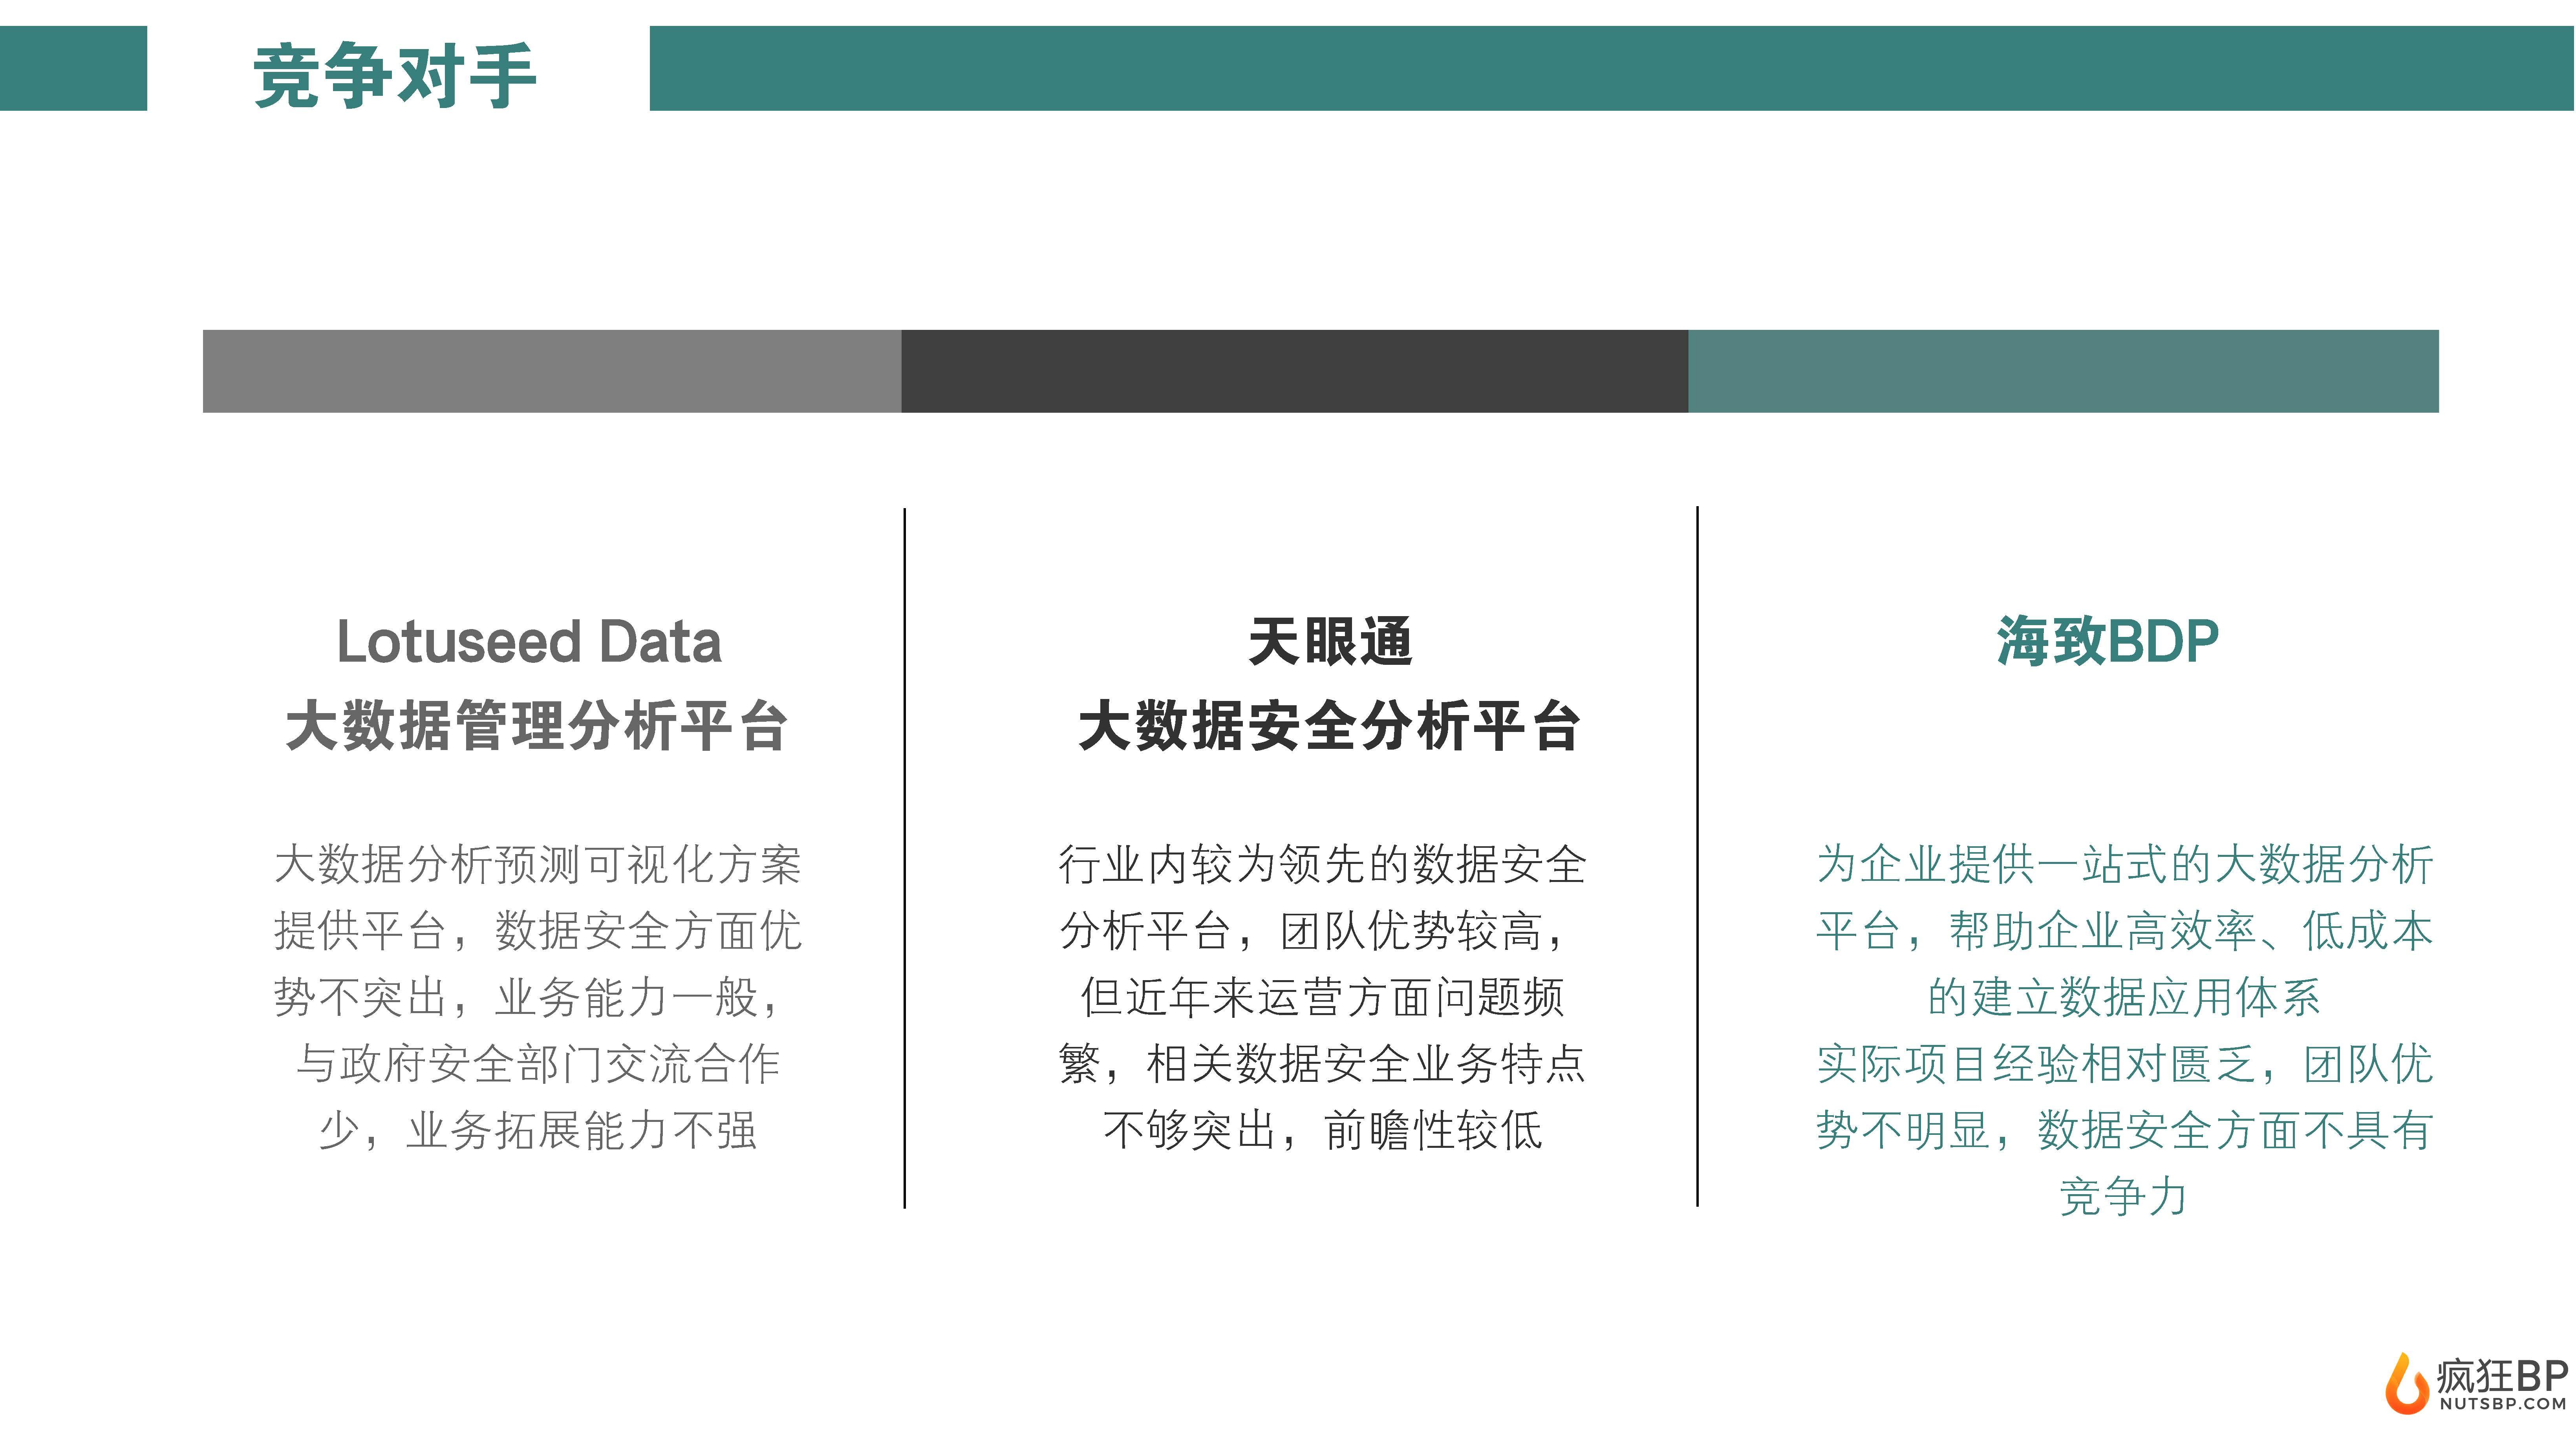 [睿科大數據]大數據安全分析平臺商業計劃書-undefined